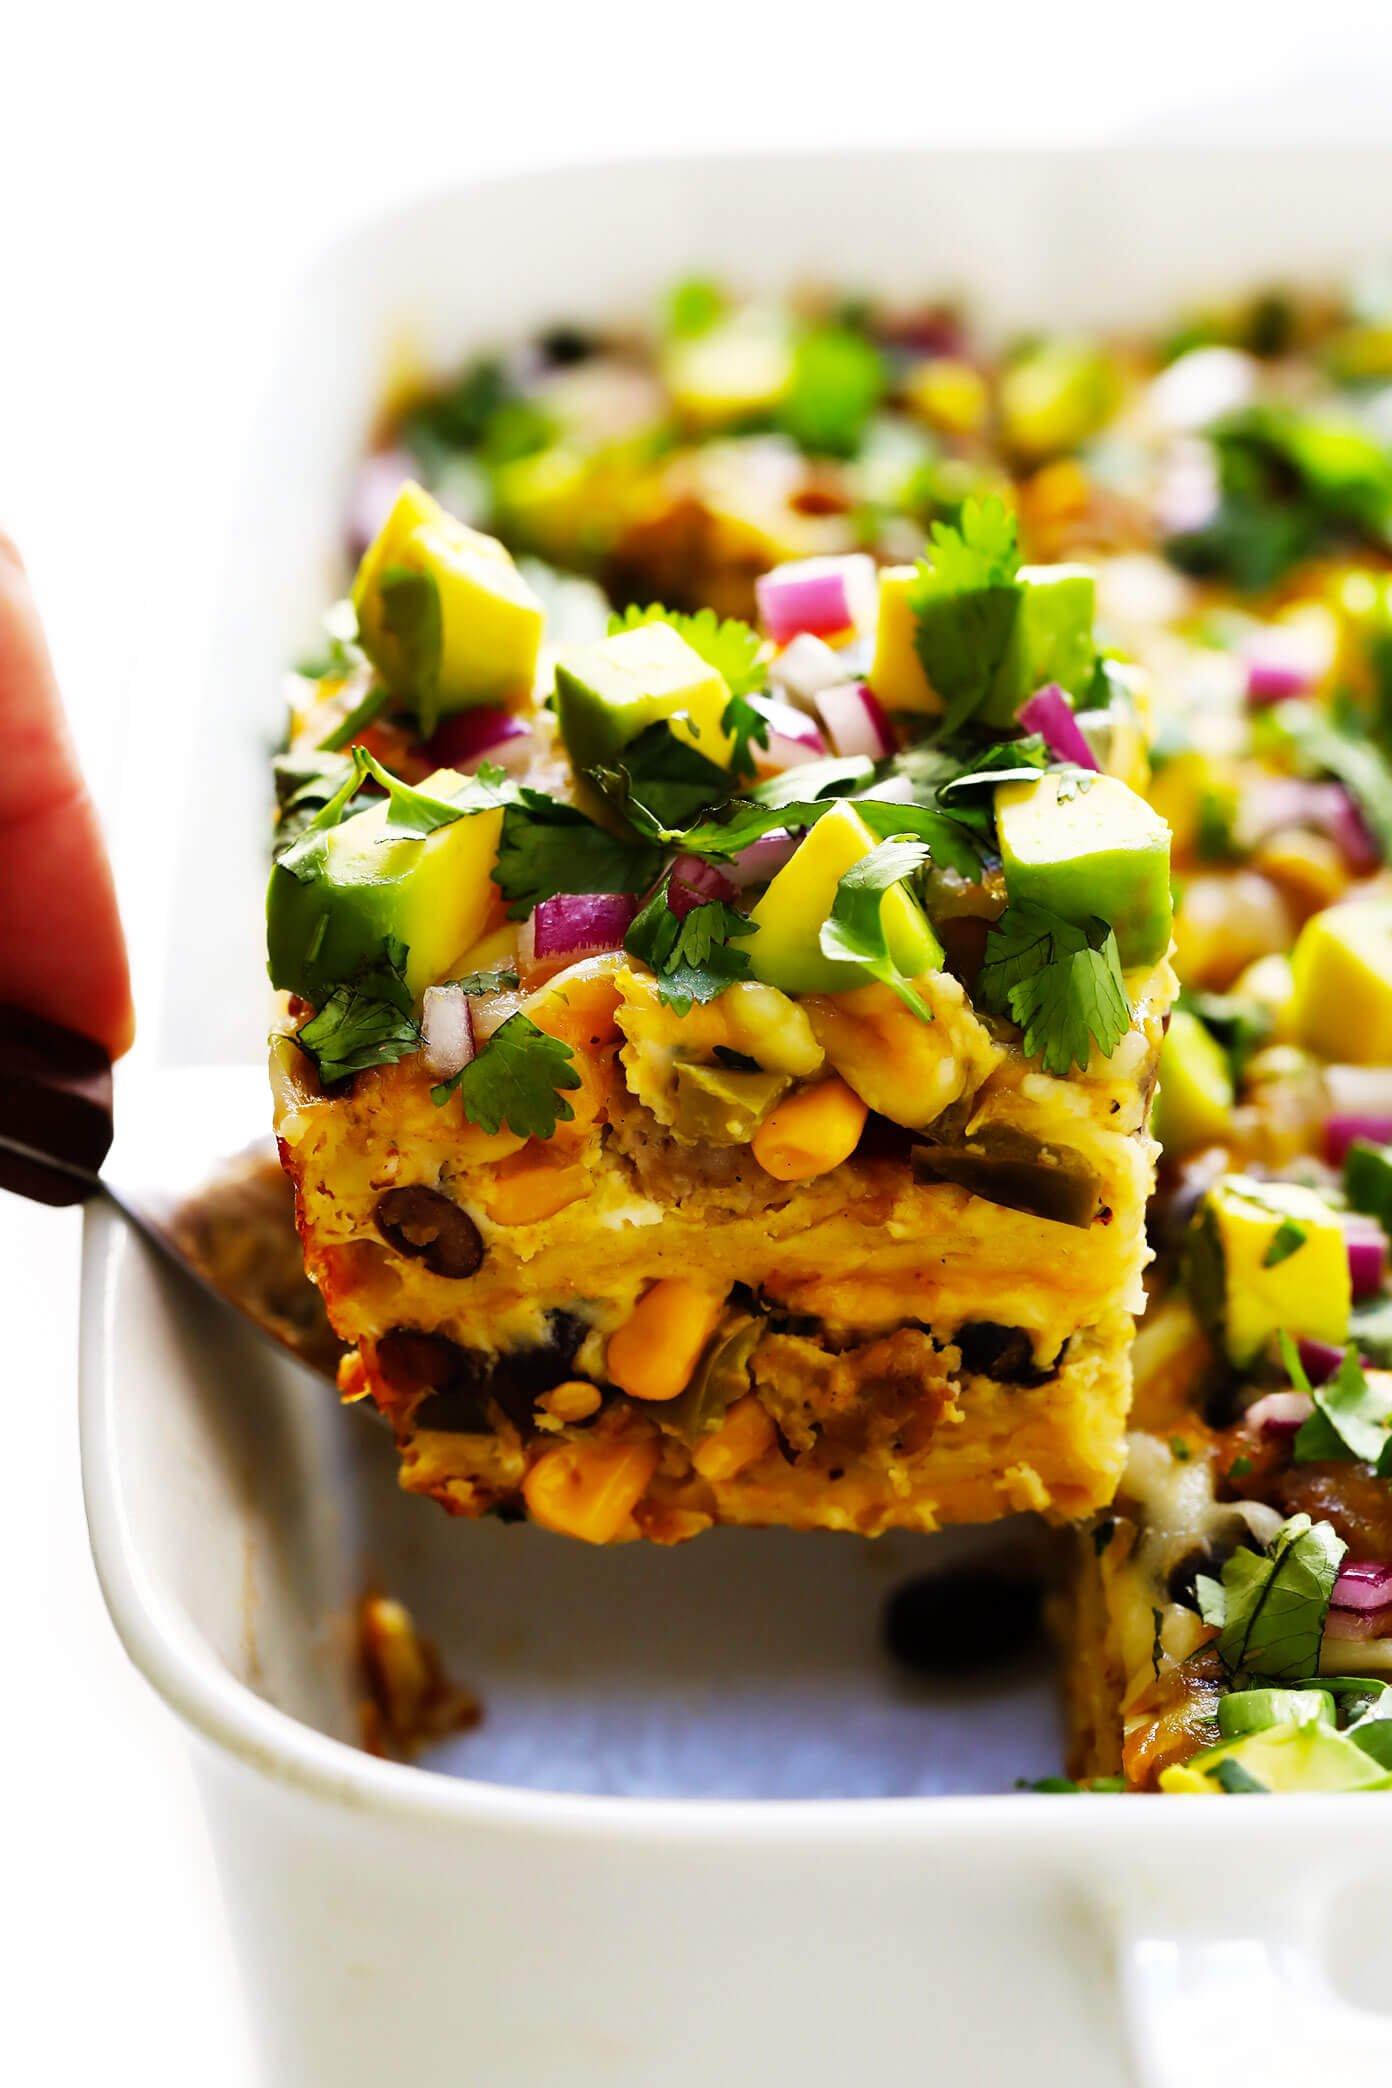 Increíble cazuela de desayuno mexicano